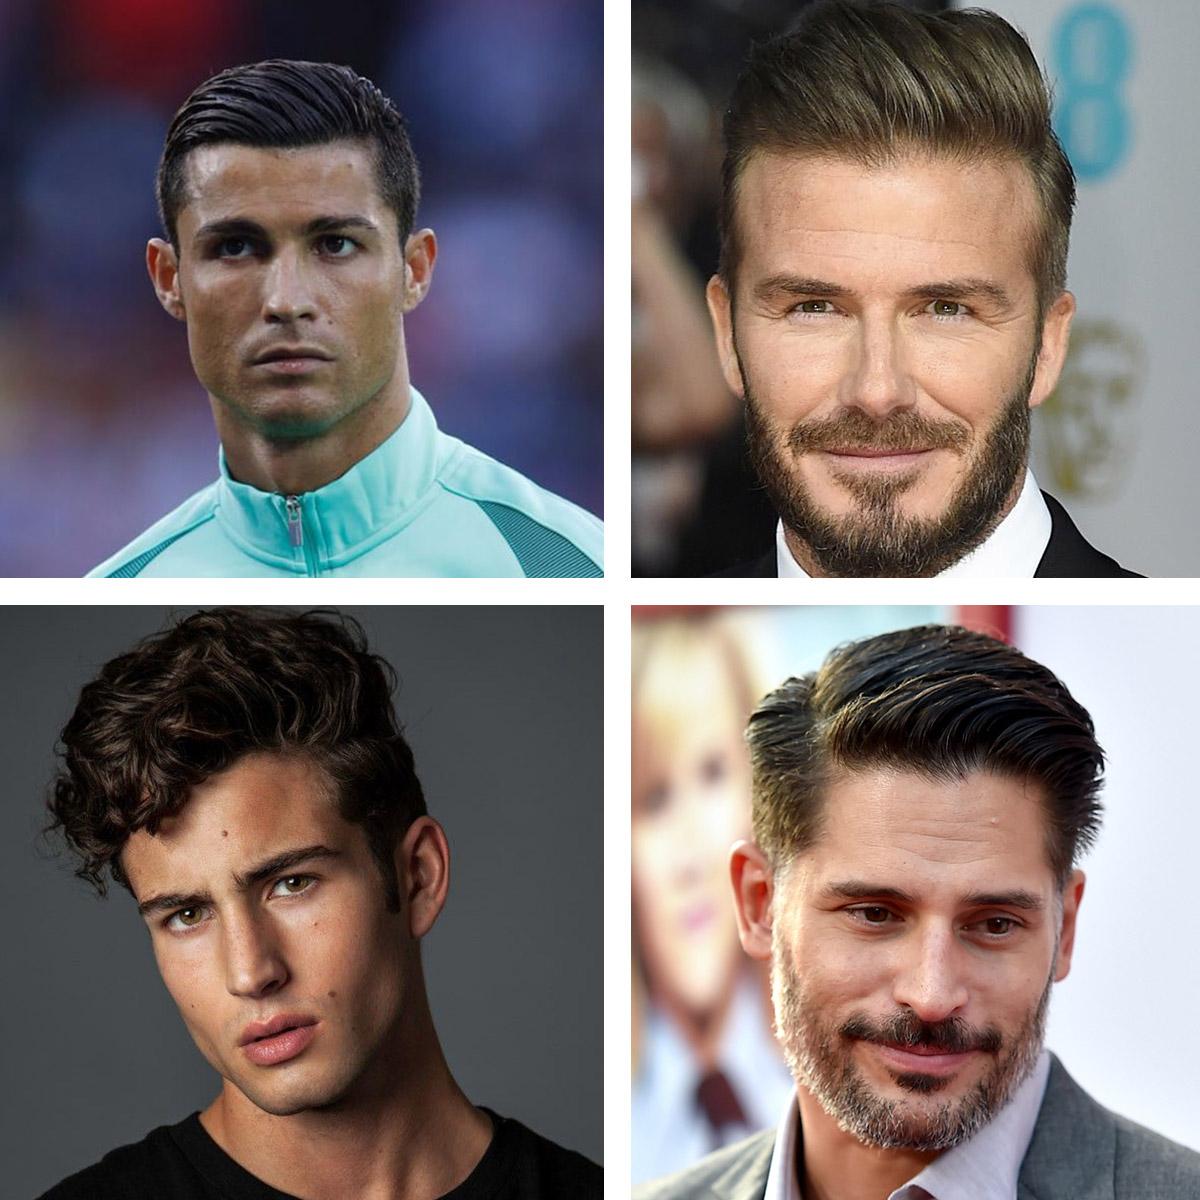 Tohutult valikuid meestele kuidas olla trendikas ning võluda oma soenguga.